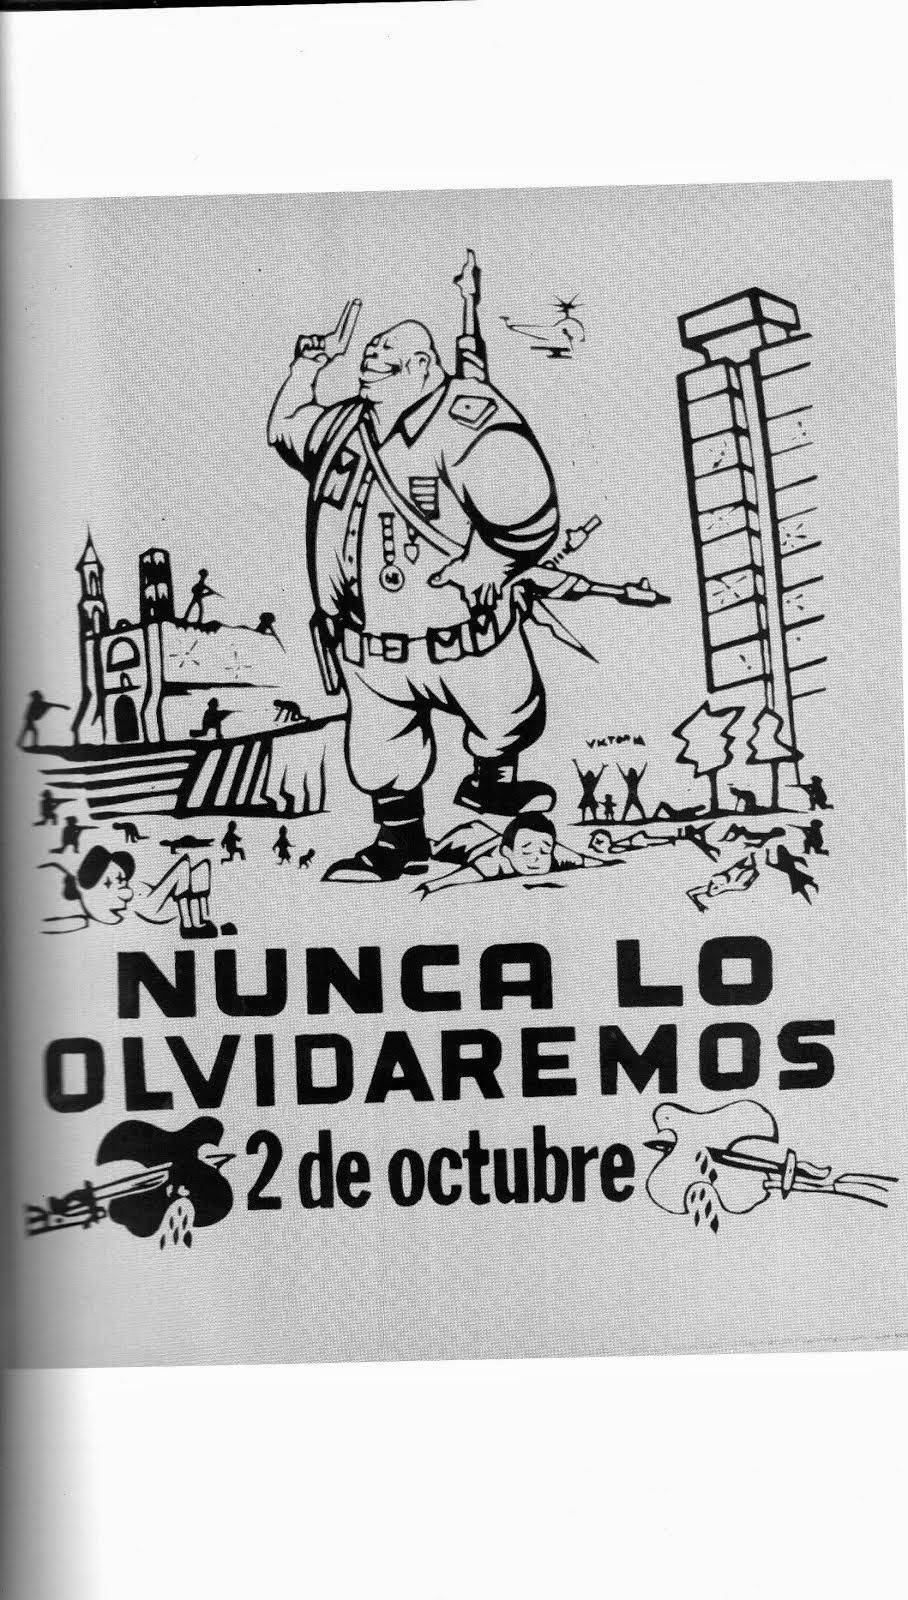 NI PERDON NI OLVIDO 1968-2014